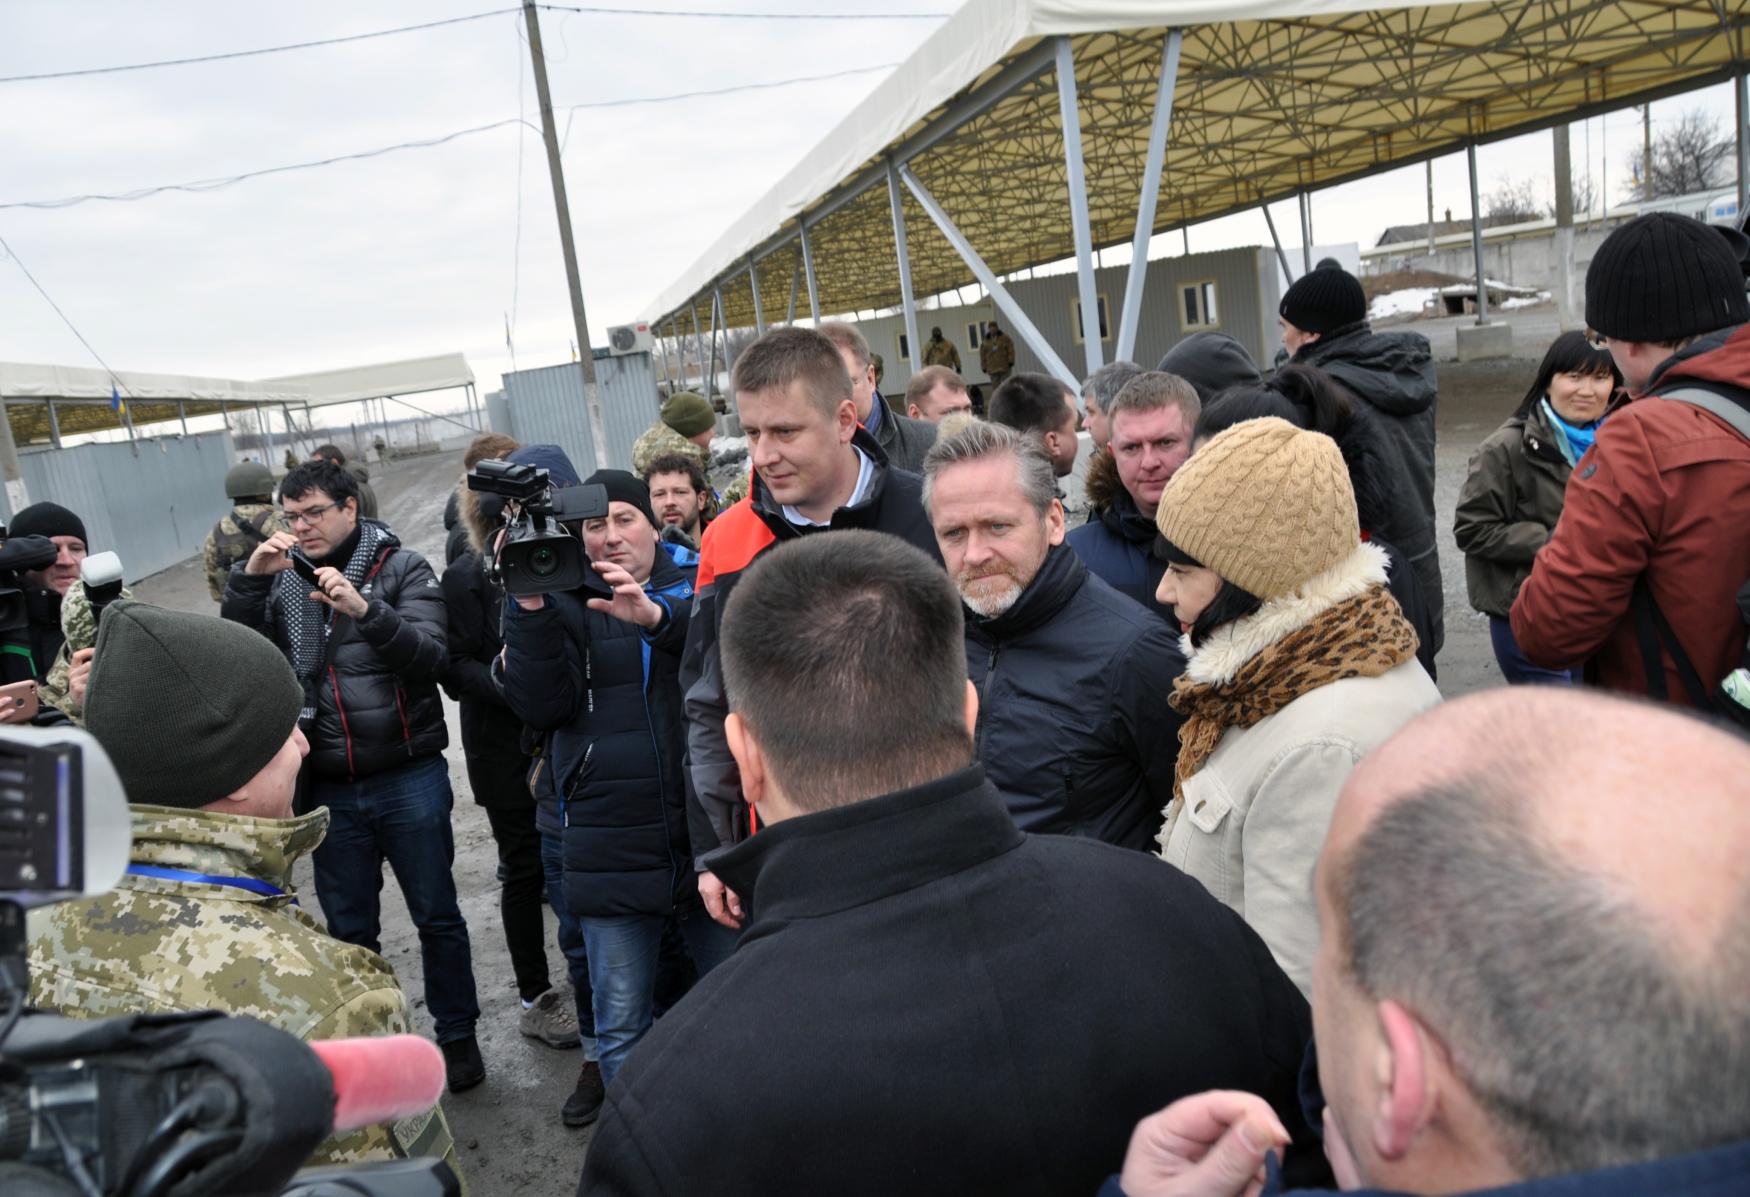 Český ministr zahraničních věcí Tomáš Petříček (uprostřed) navštívil východoukrajinský přístav Mariupol u Azovského moře